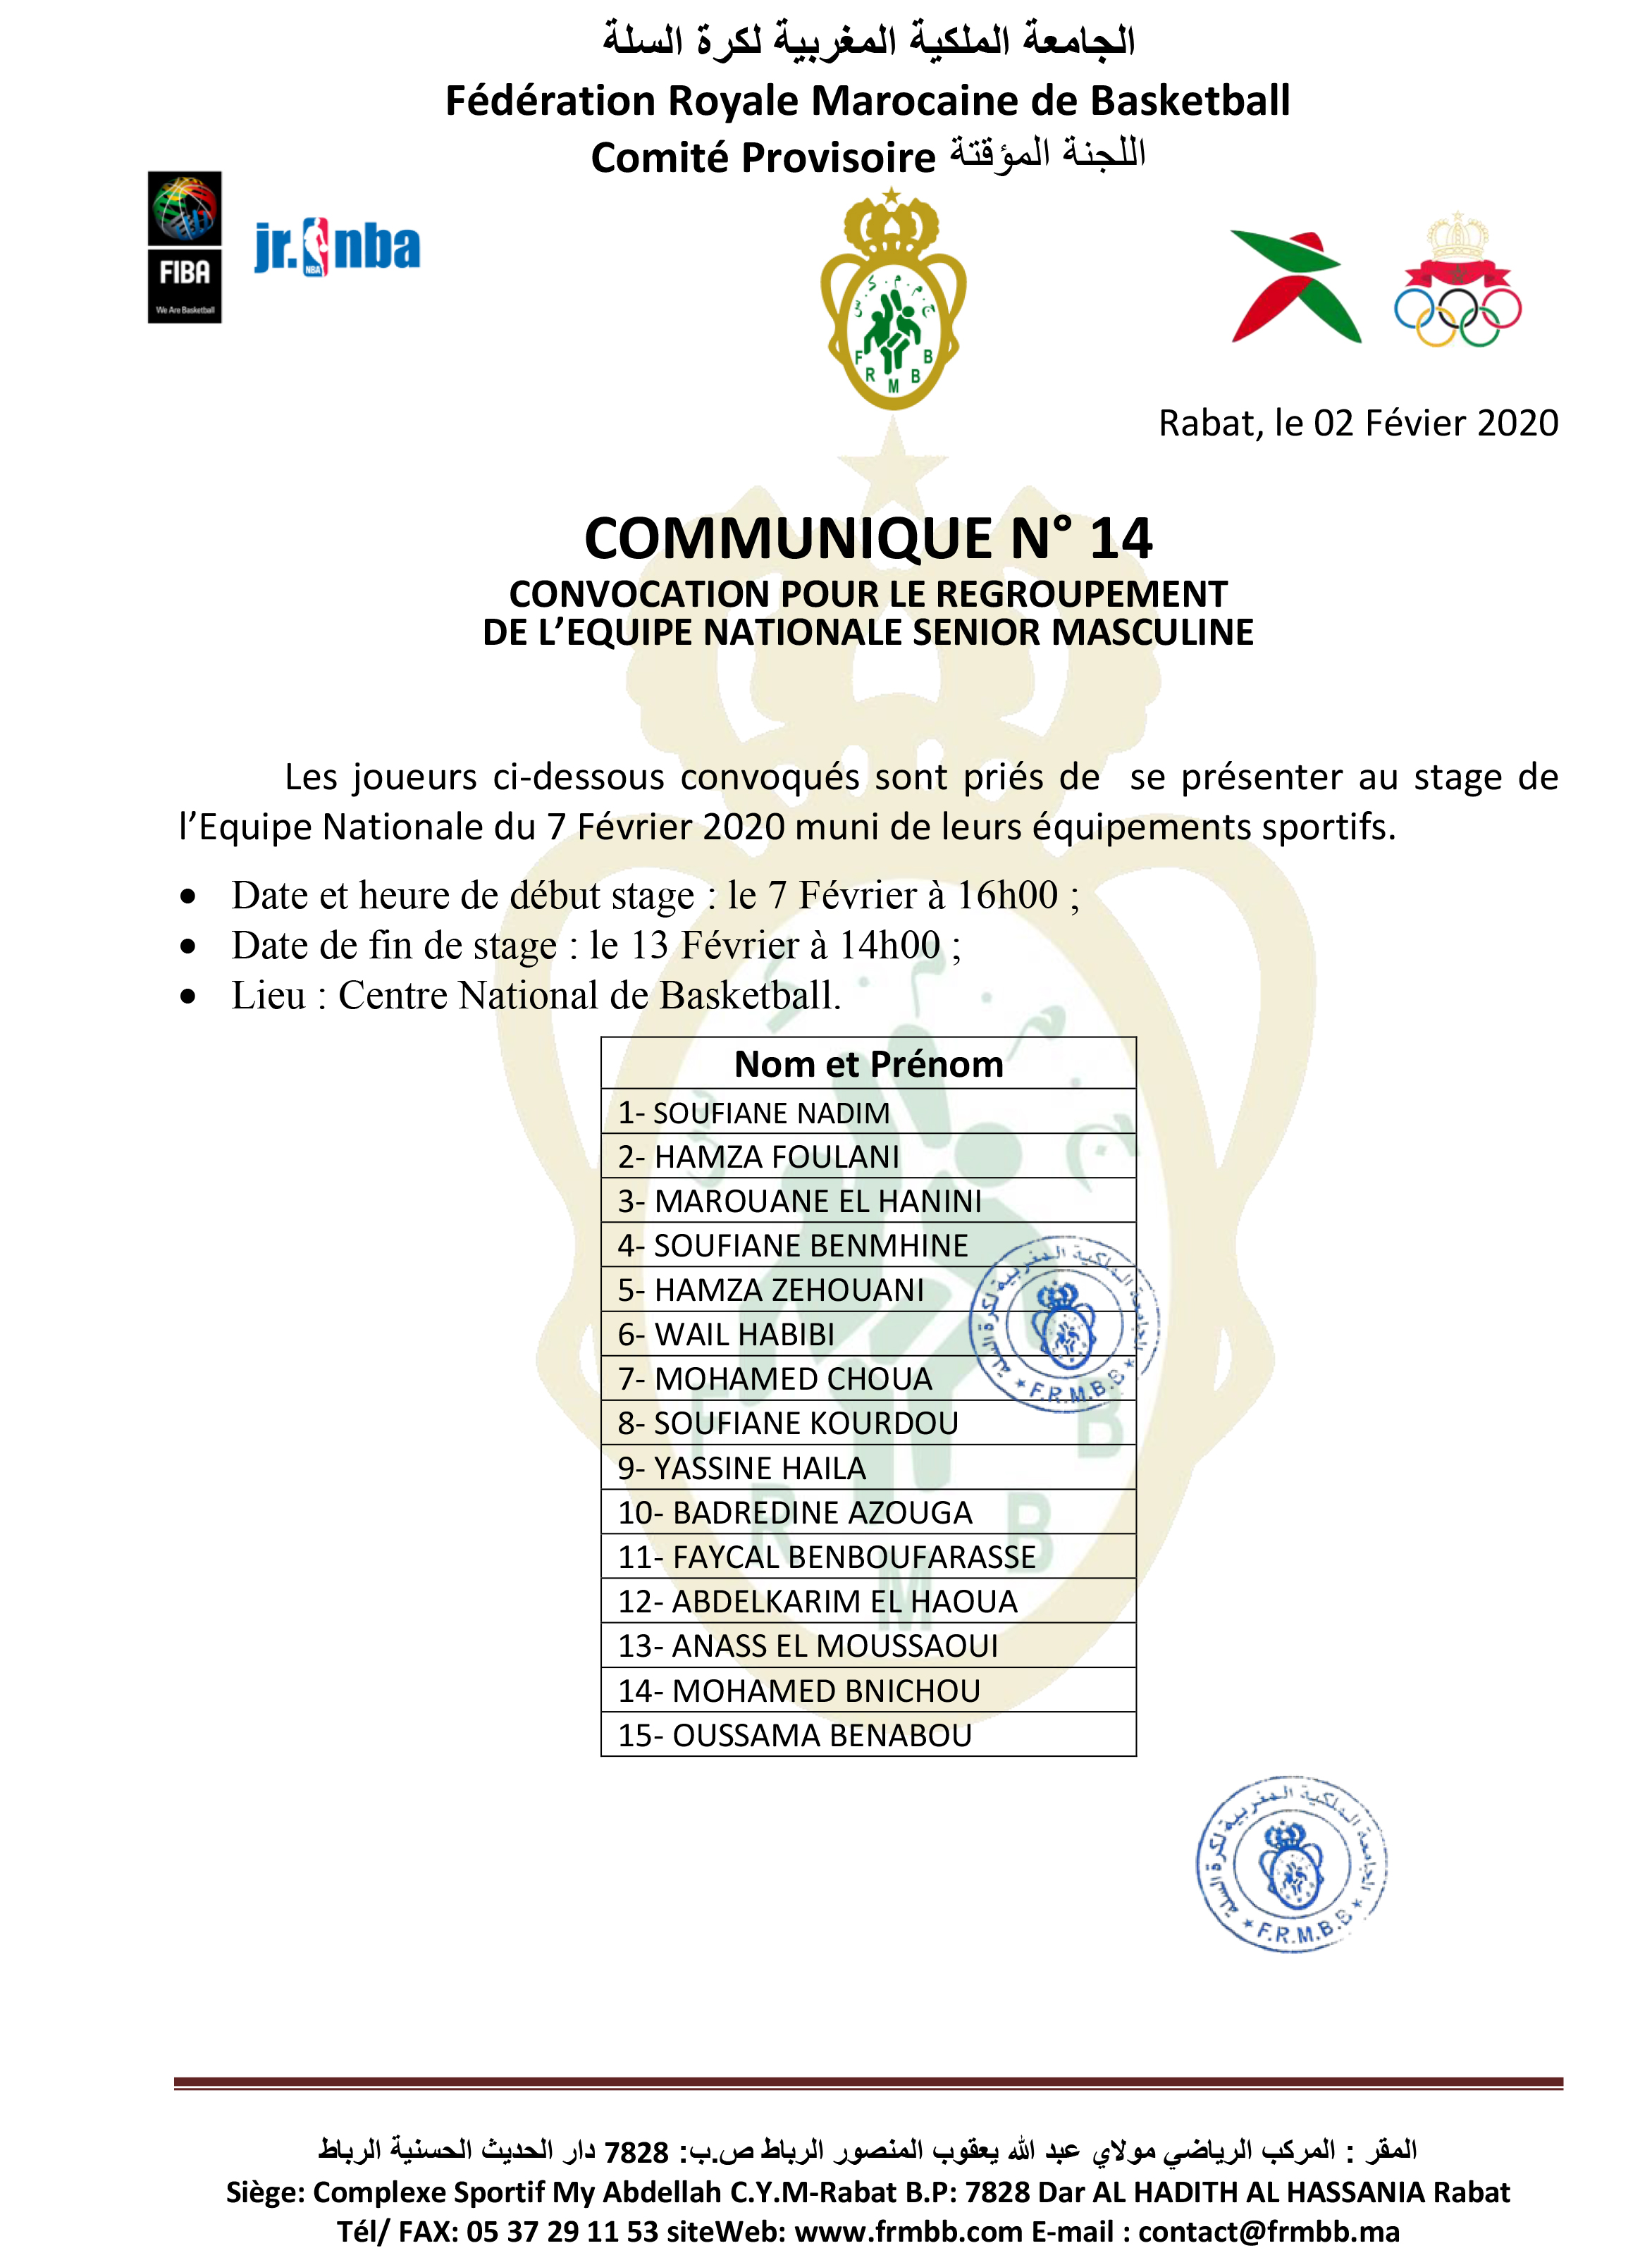 COMMUNIQUE 14 (REGROUPEMENT DE L'ENSM – stage N°4 – éliminatoires Afrobasket-2021) du 07.2 au 13.2.2020 copie